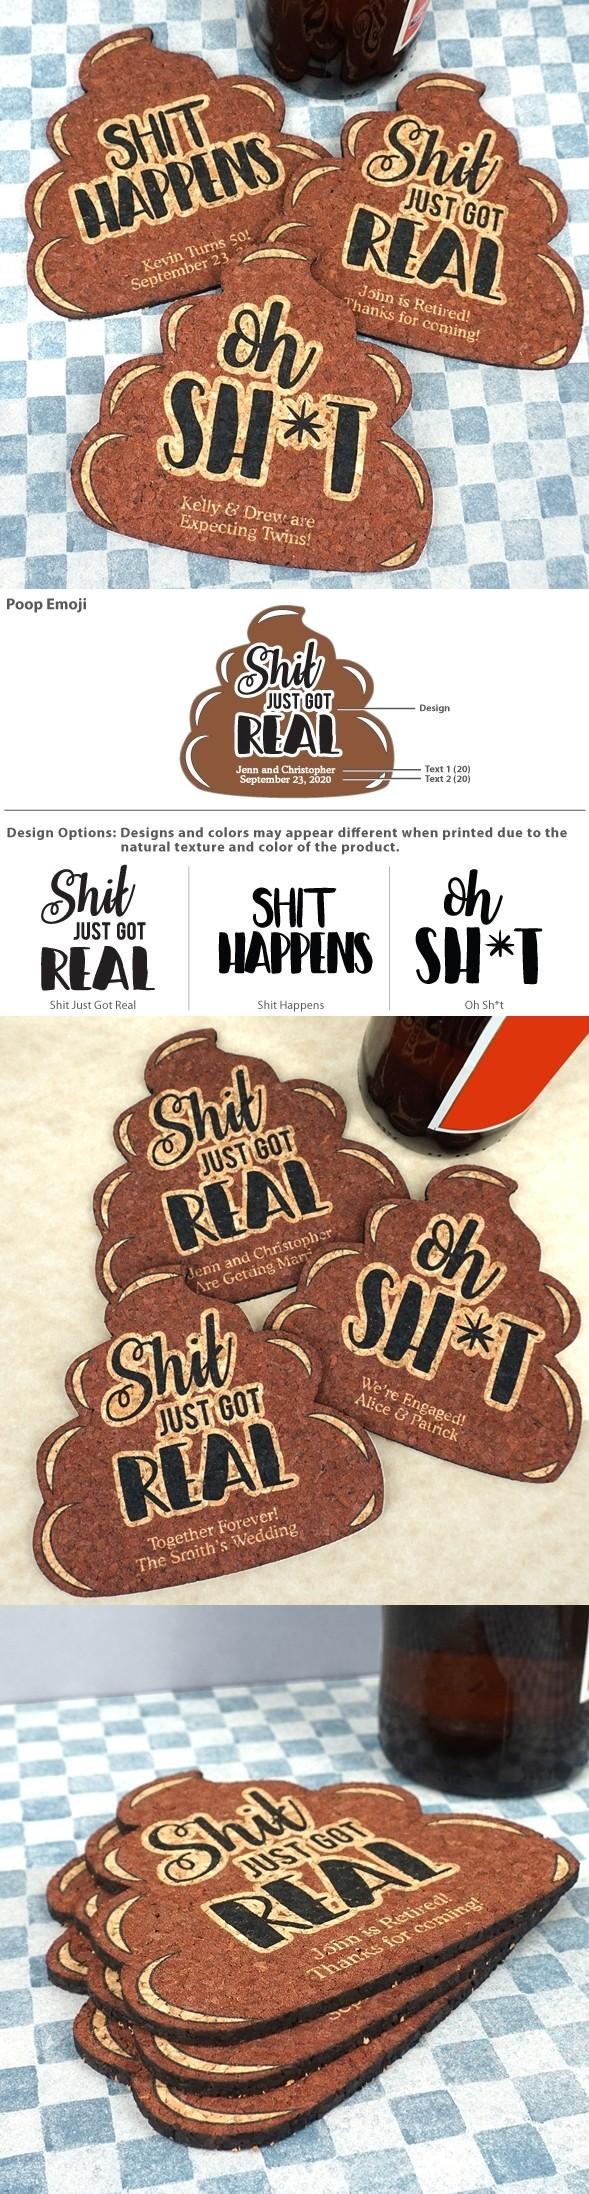 Personalized Poop Emoji Cork Coasters (3 Sayings)